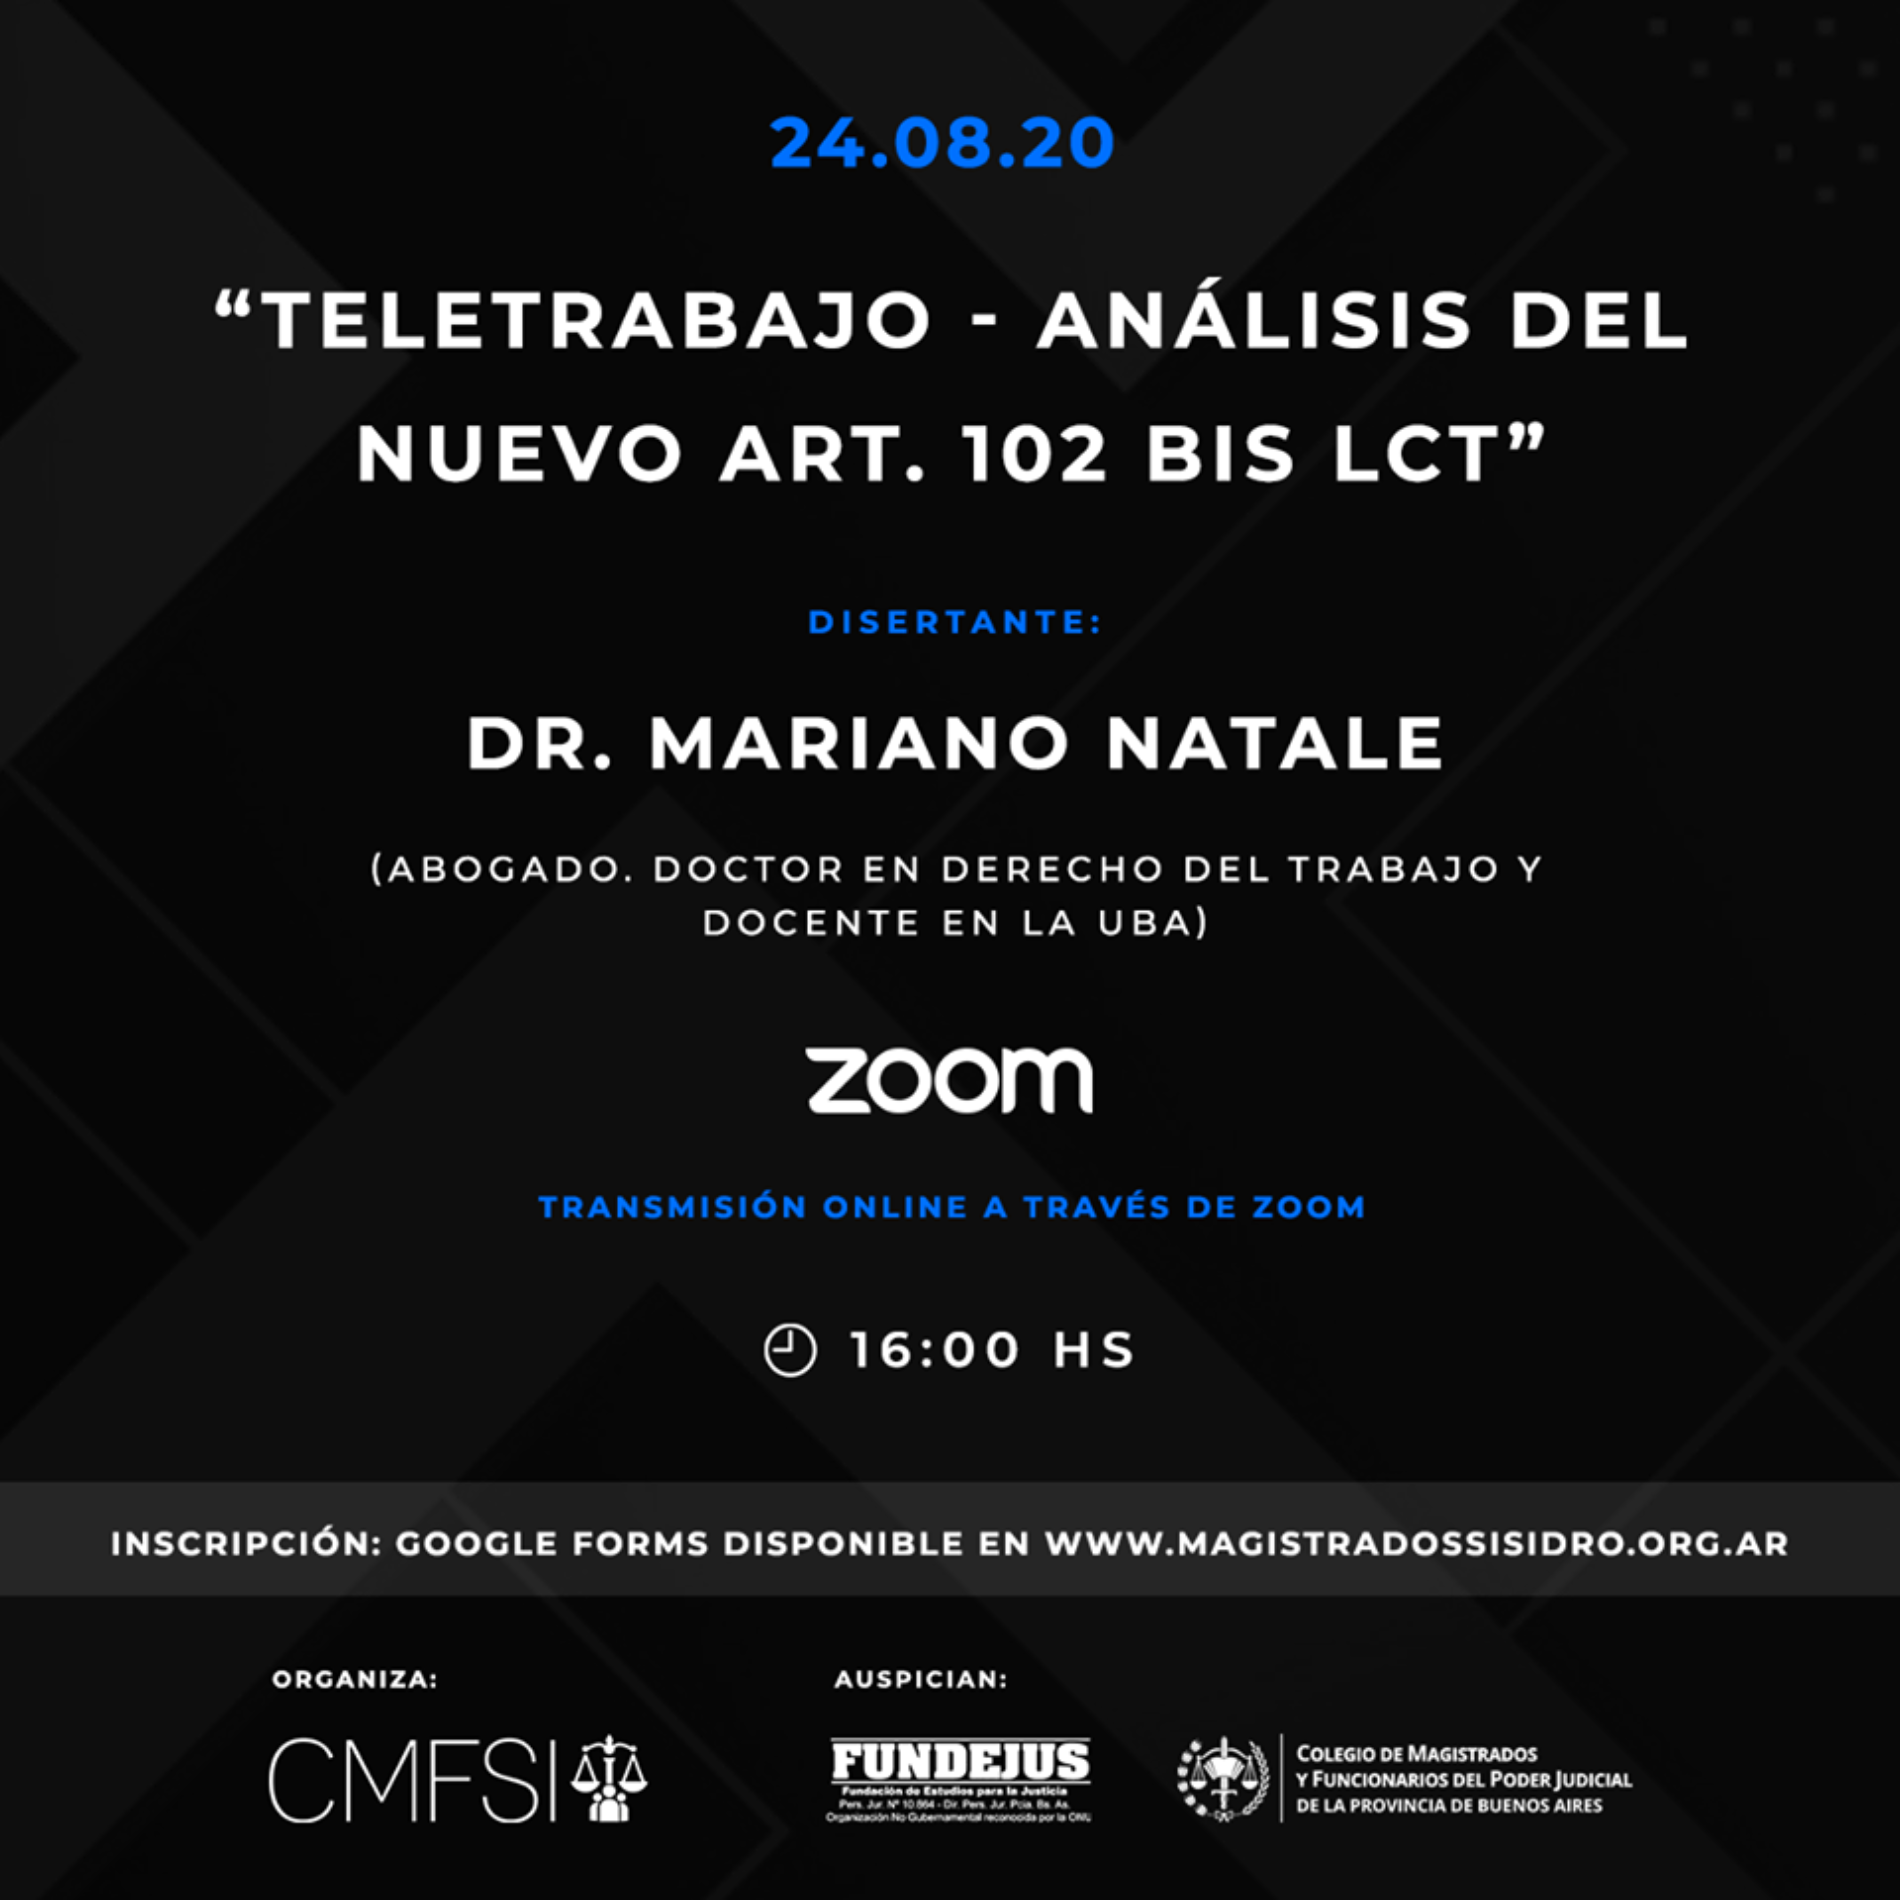 """Jornada """"TELETRABAJO – ANÁLISIS DEL NUEVO ART. 102 BIS. LCT"""". Organiza CMFSI."""